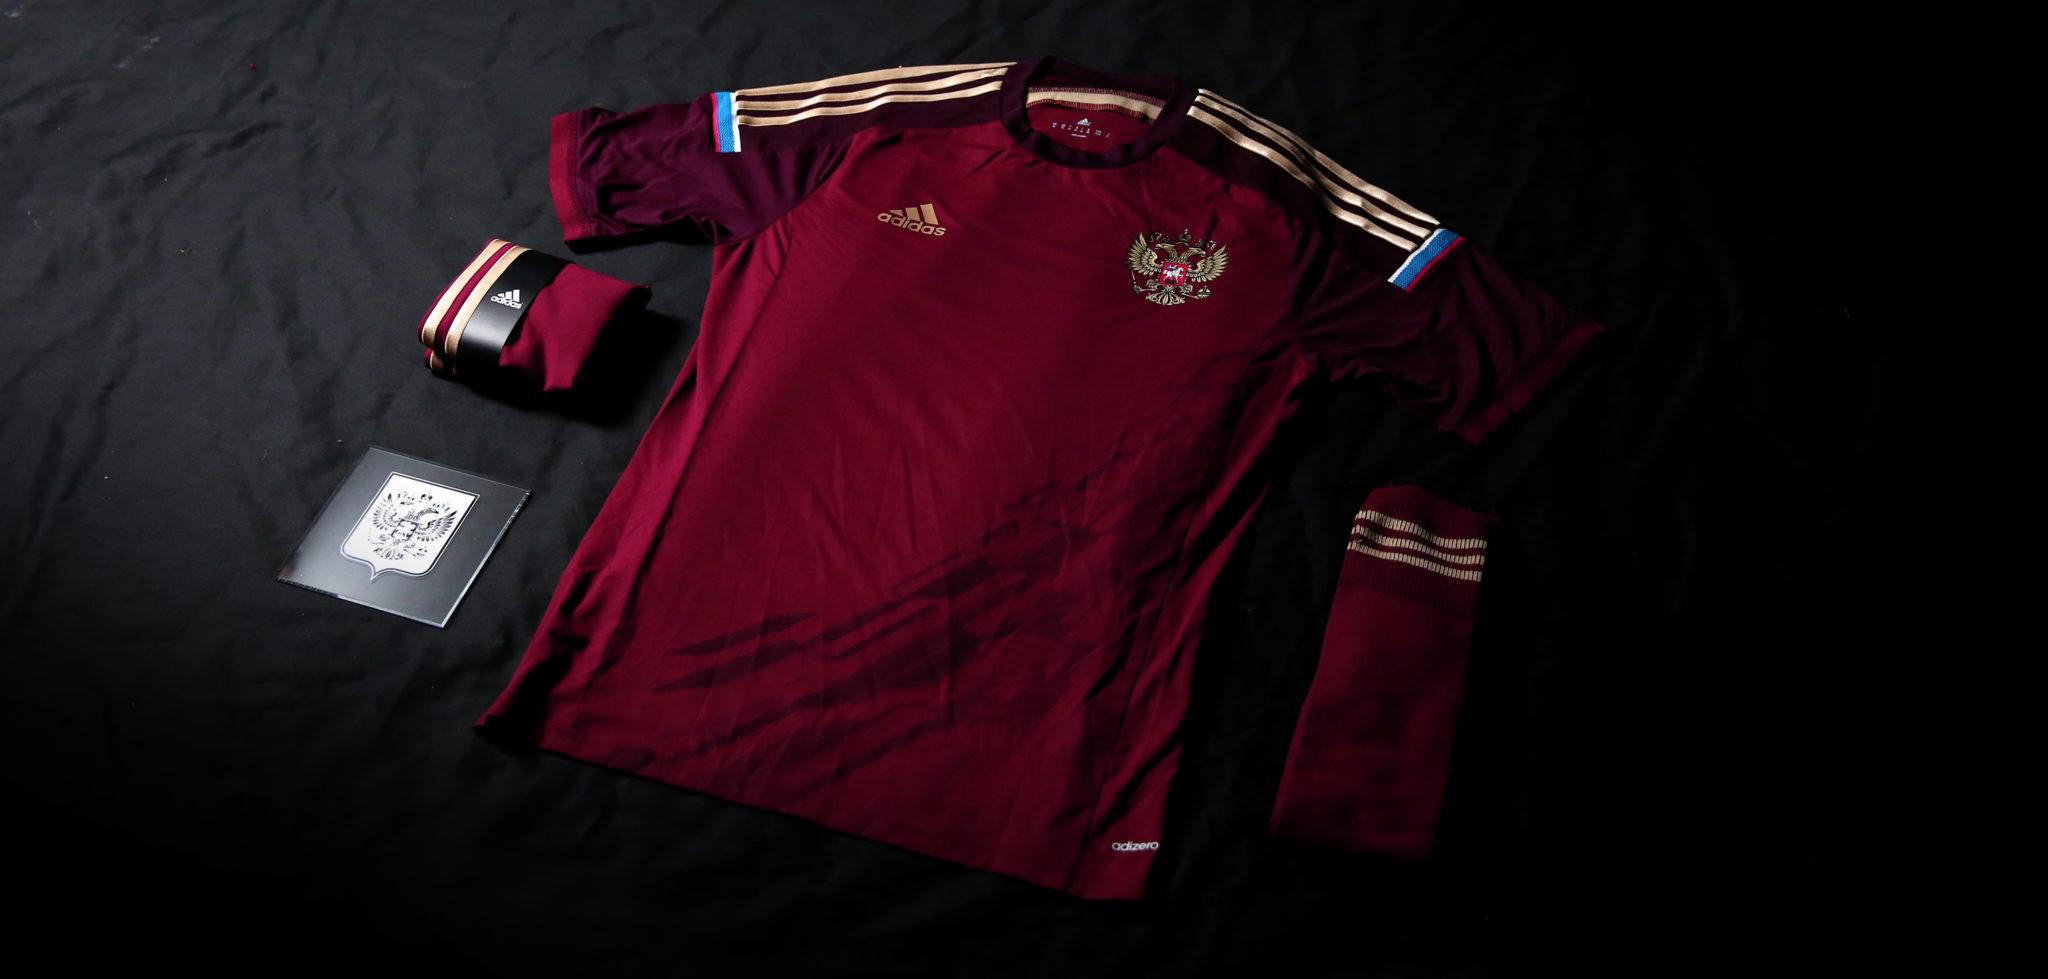 AdidasGagne Monde Du Est Le La De 2014 Lancée Maillot Avec Coupe bgYvyf76